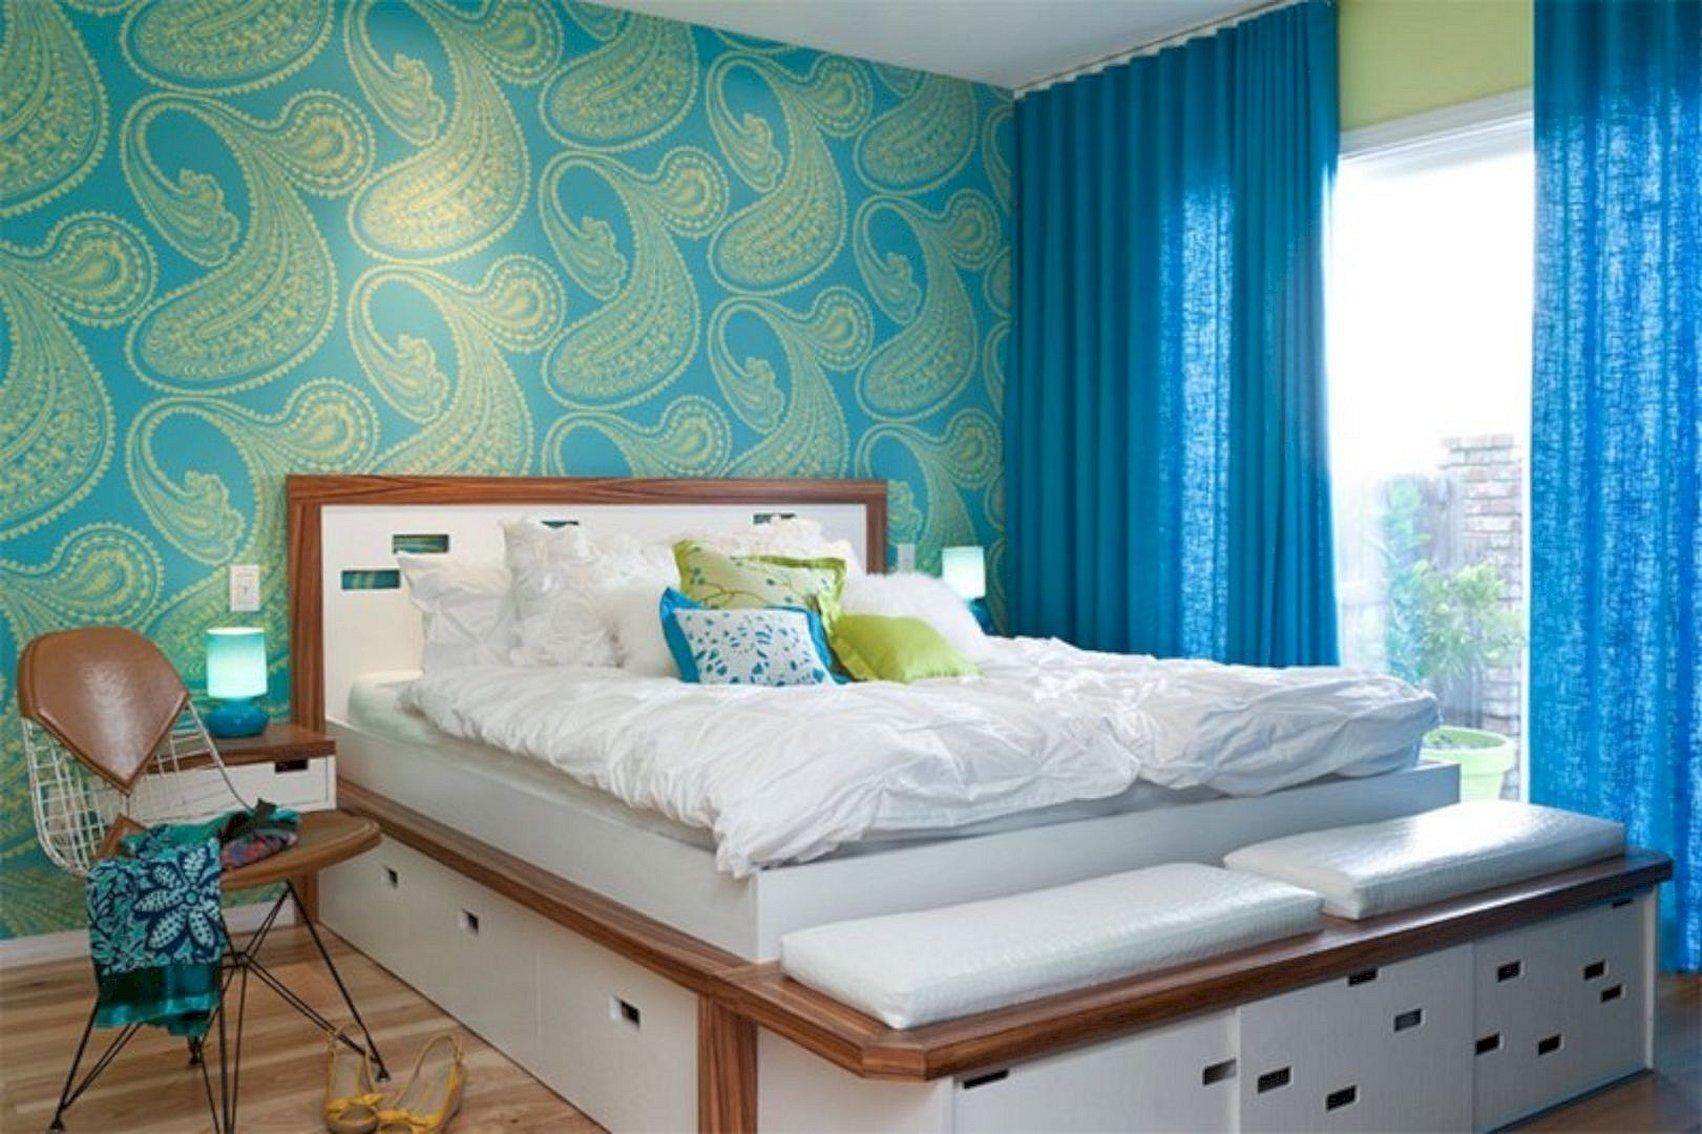 Дизайн комнаты с голубыми обоями